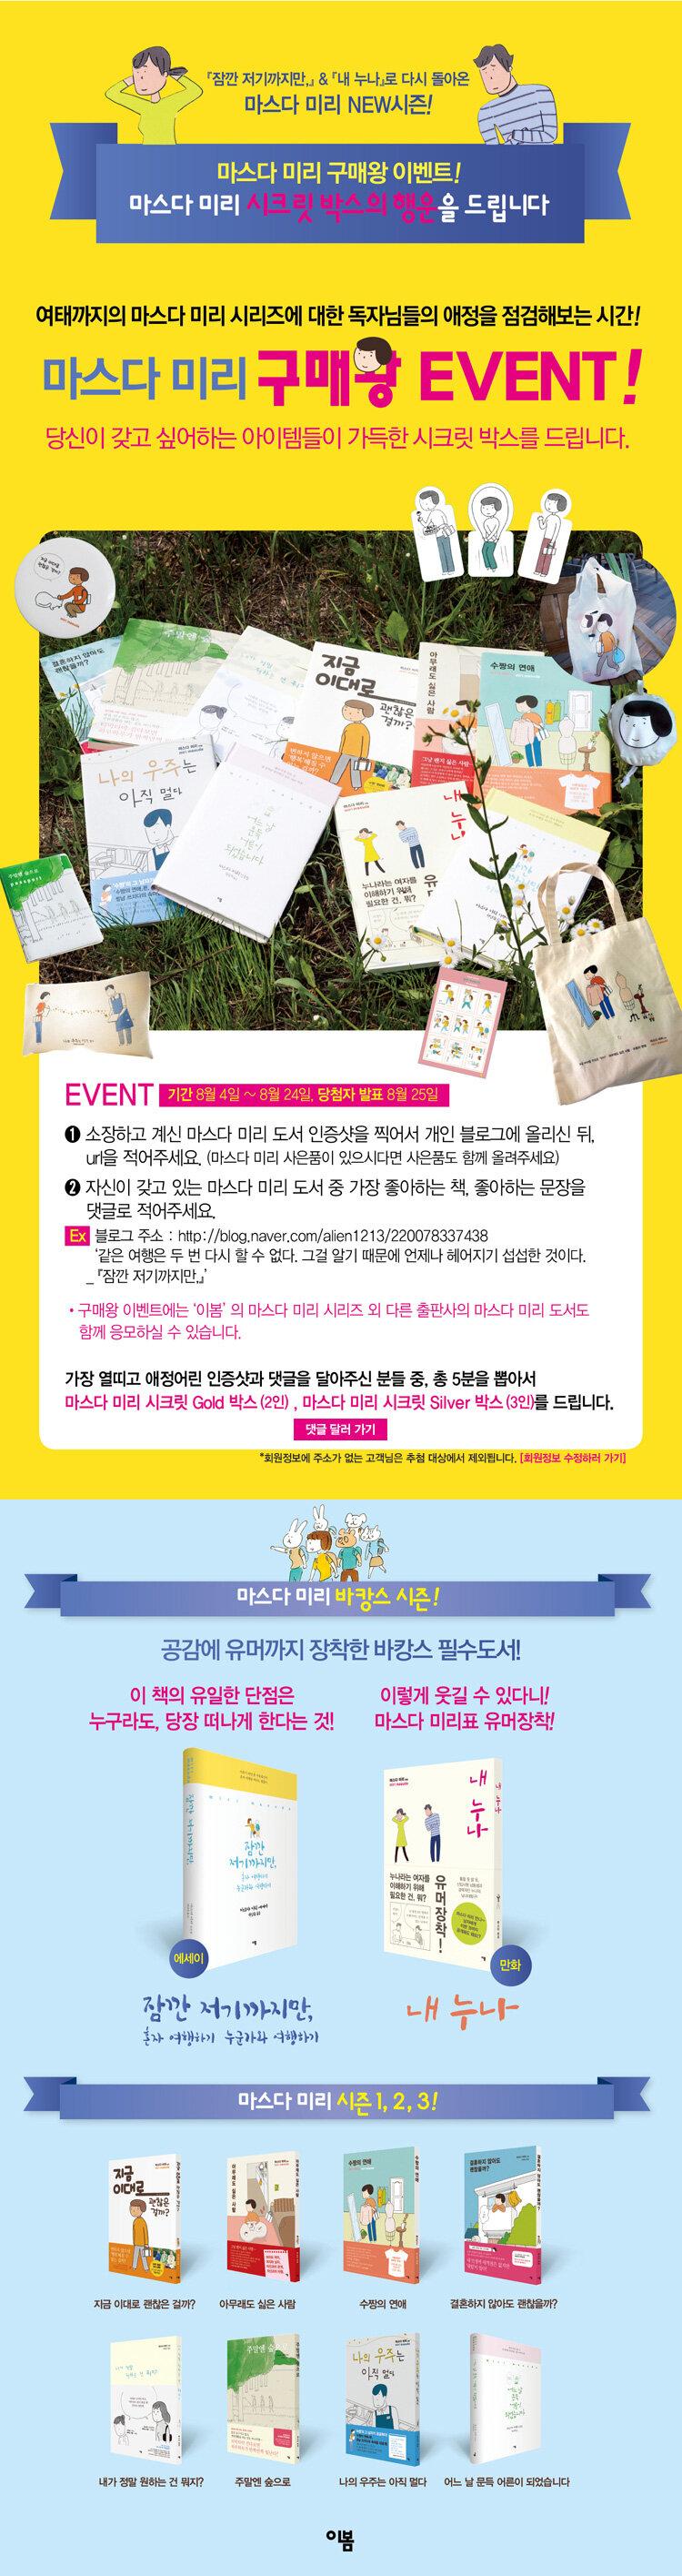 이봄&애니북스 마스다 미리 구매왕 이벤트